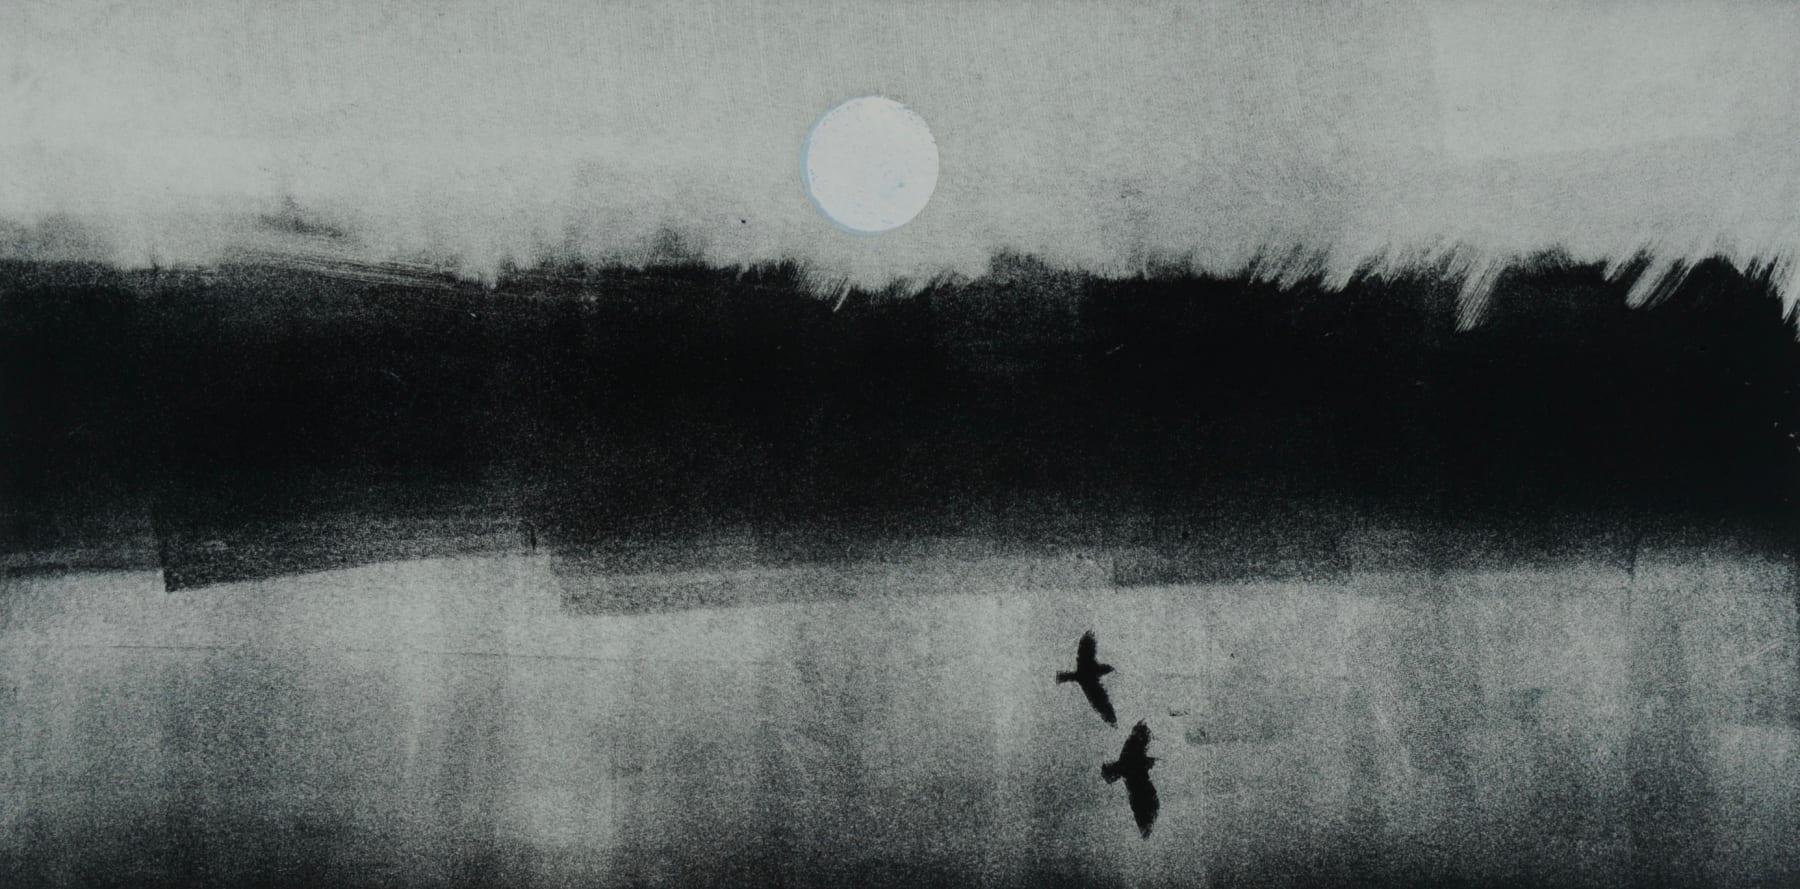 Nigel Swift, Moonlight, 2020